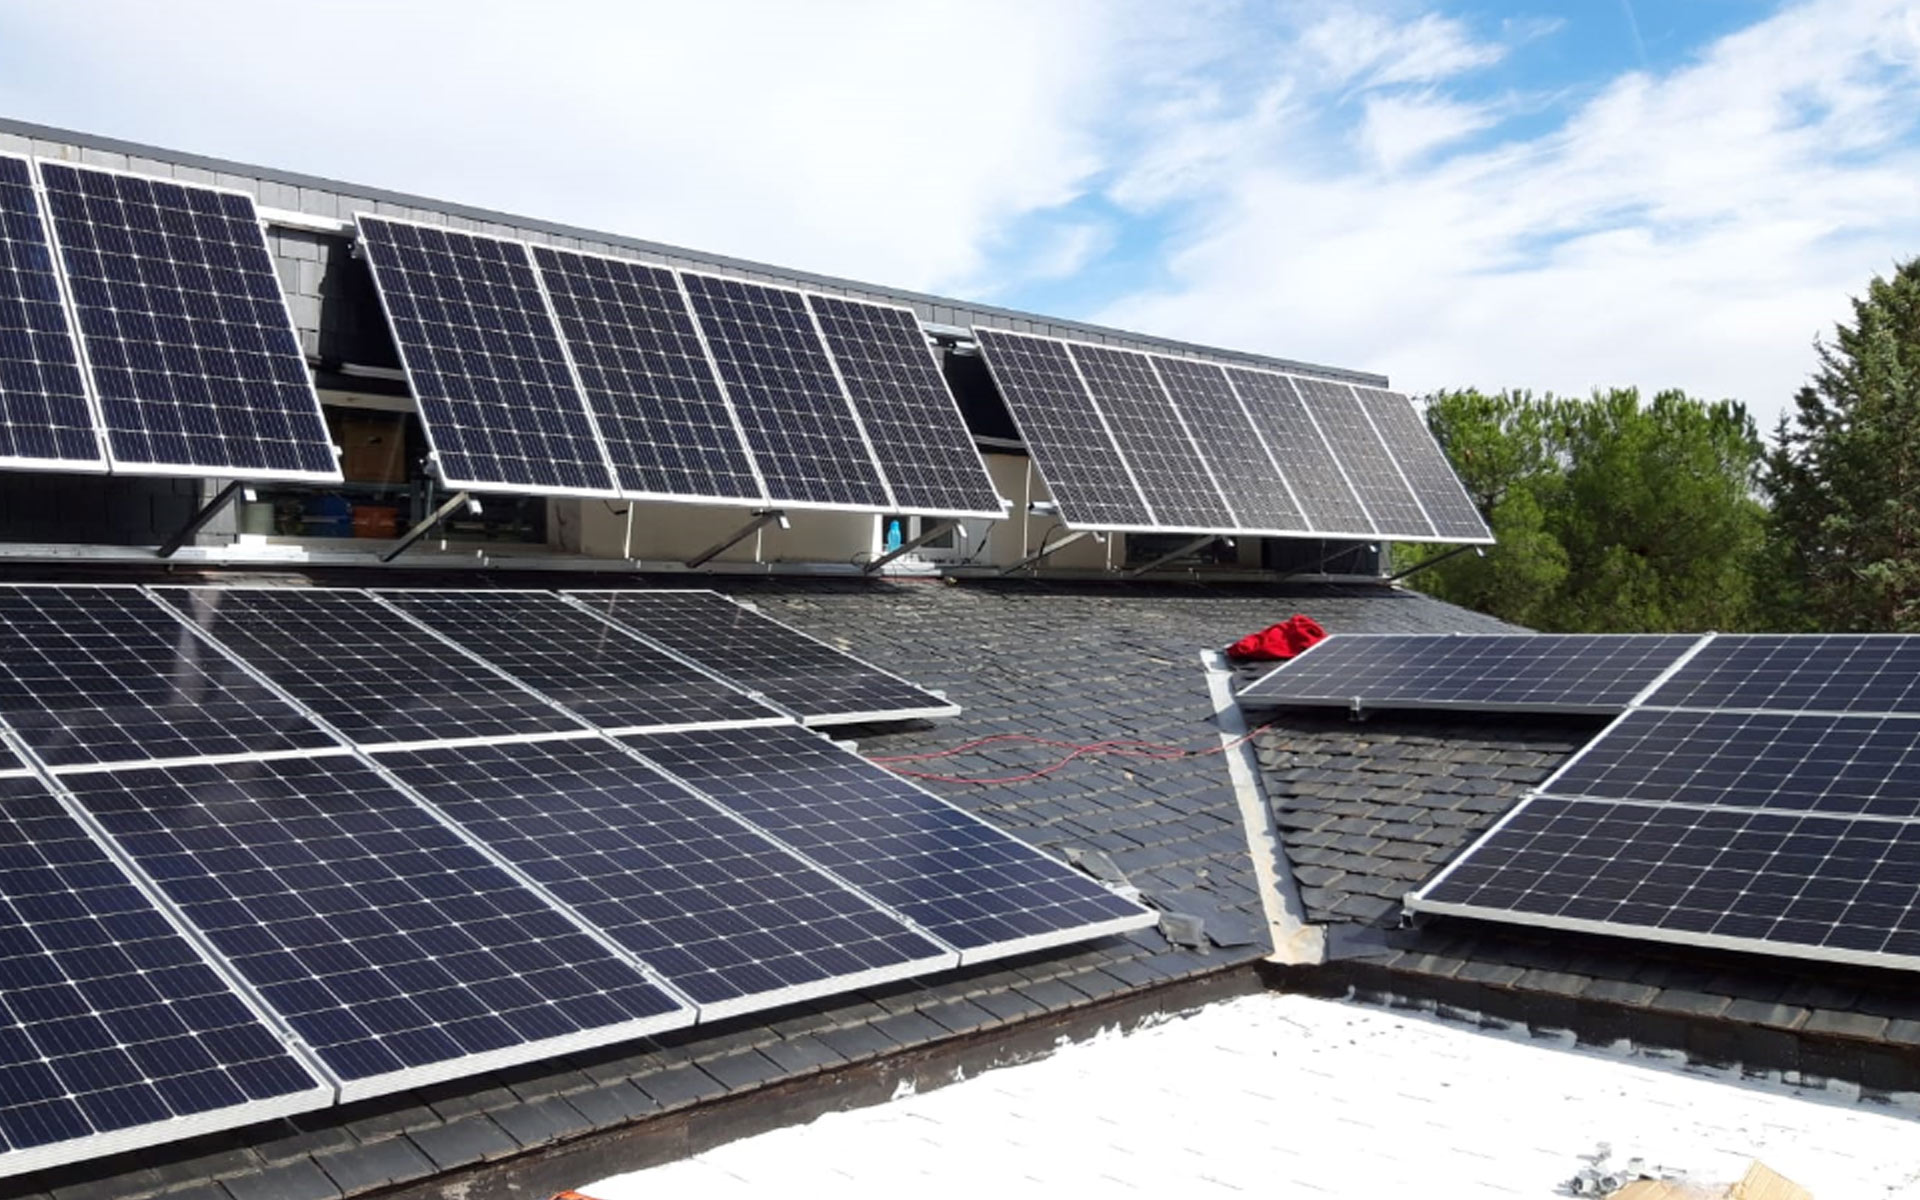 abatec-instalaciones-obras-realizadas-instalacion-fotovoltaica-en-vivienda-01